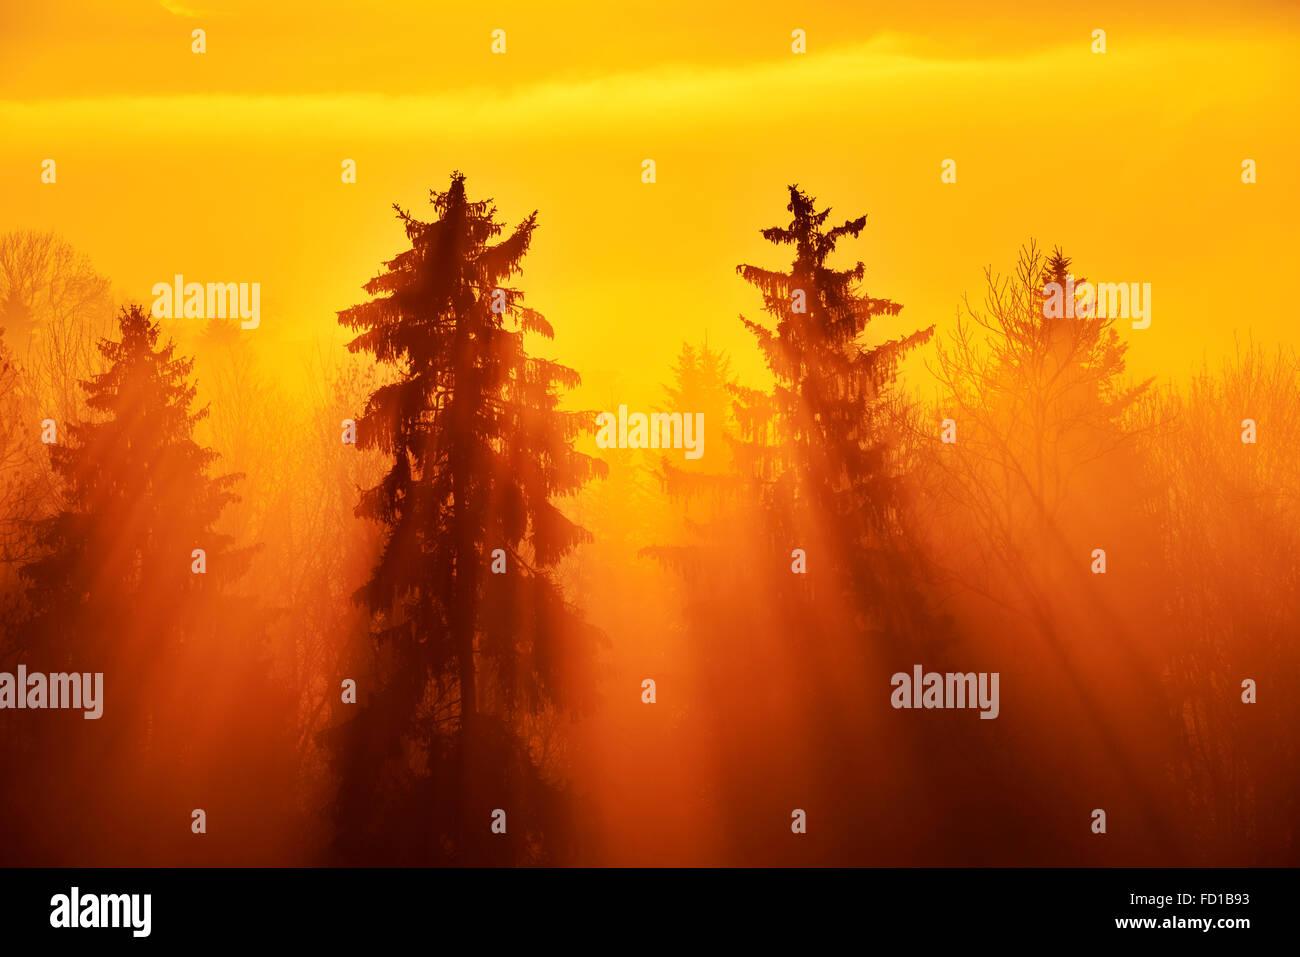 Les rayons du soleil brillant à travers une forêt d'épinettes brumeux, canton de Zoug, Suisse Photo Stock